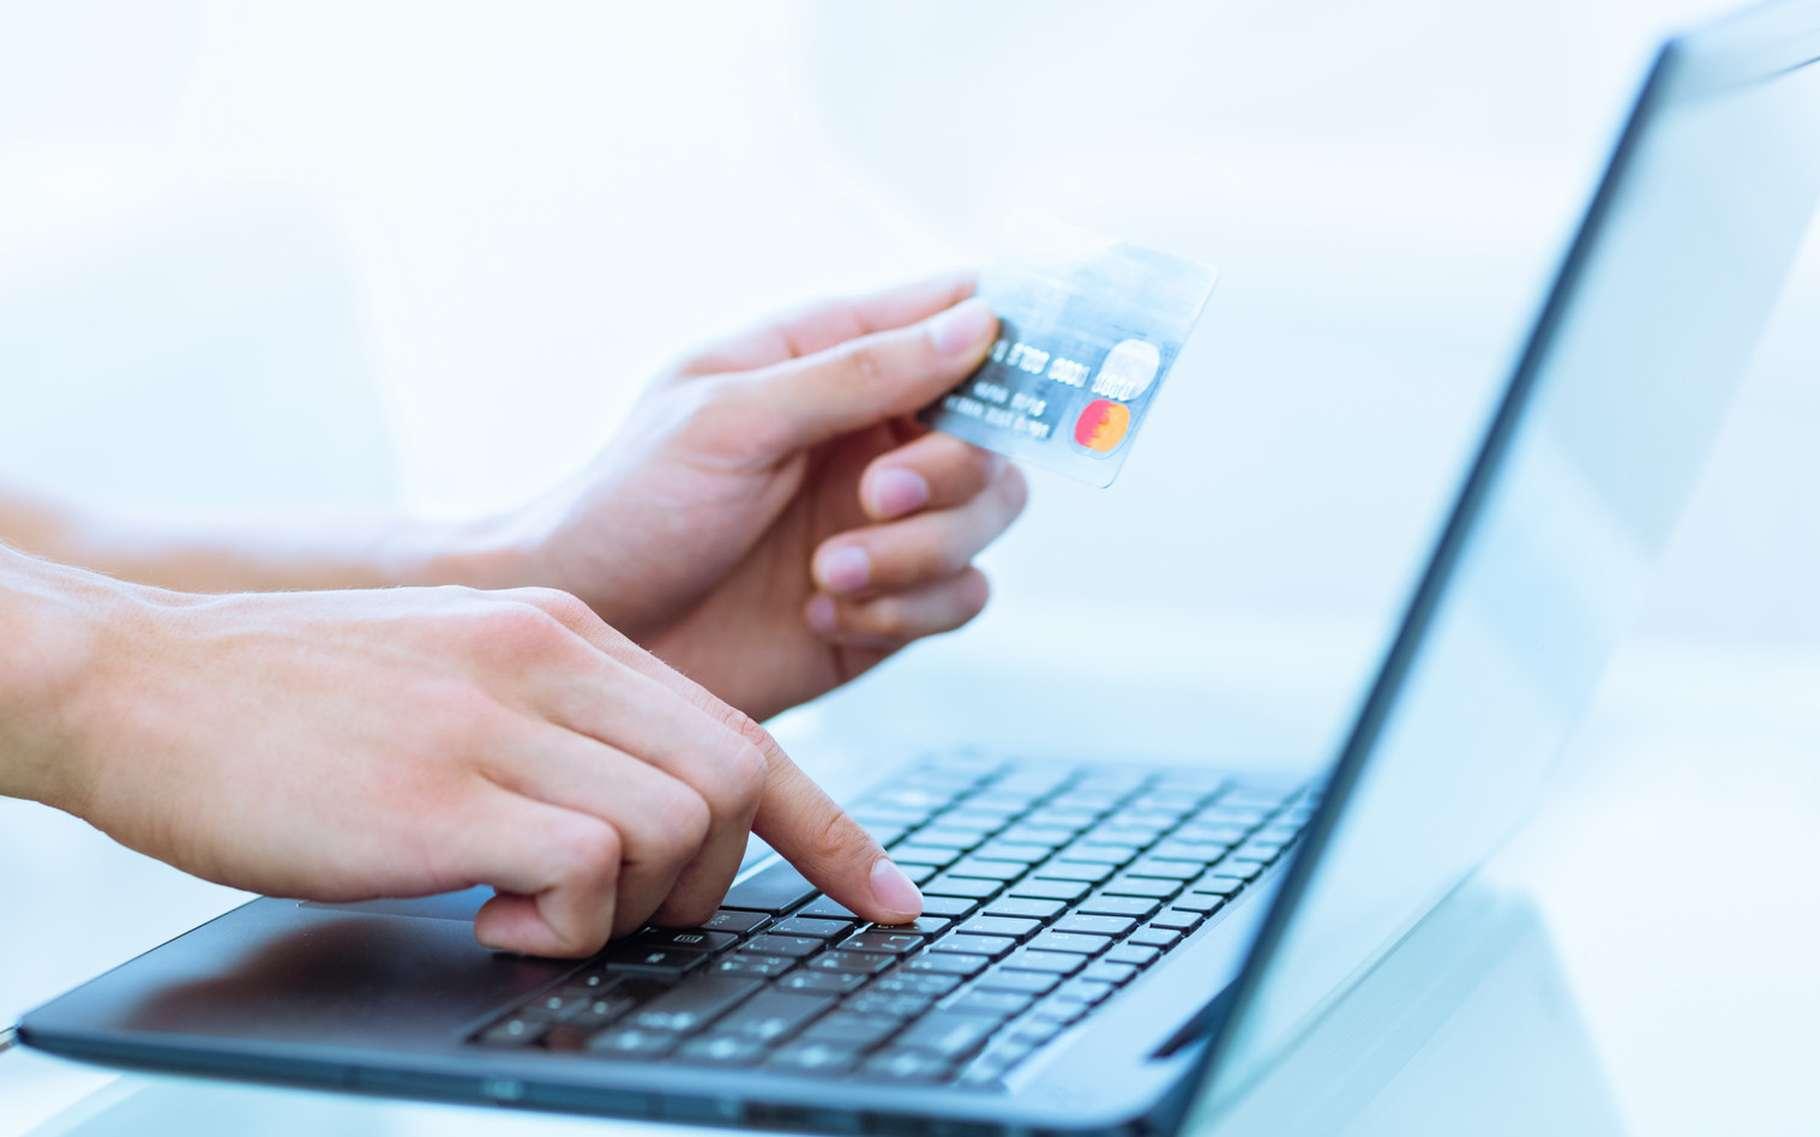 L'authentification permet de s'assurer de l'identité d'une personne, lors d'un paiement en ligne par exemple. © PKpix, Shutterstock